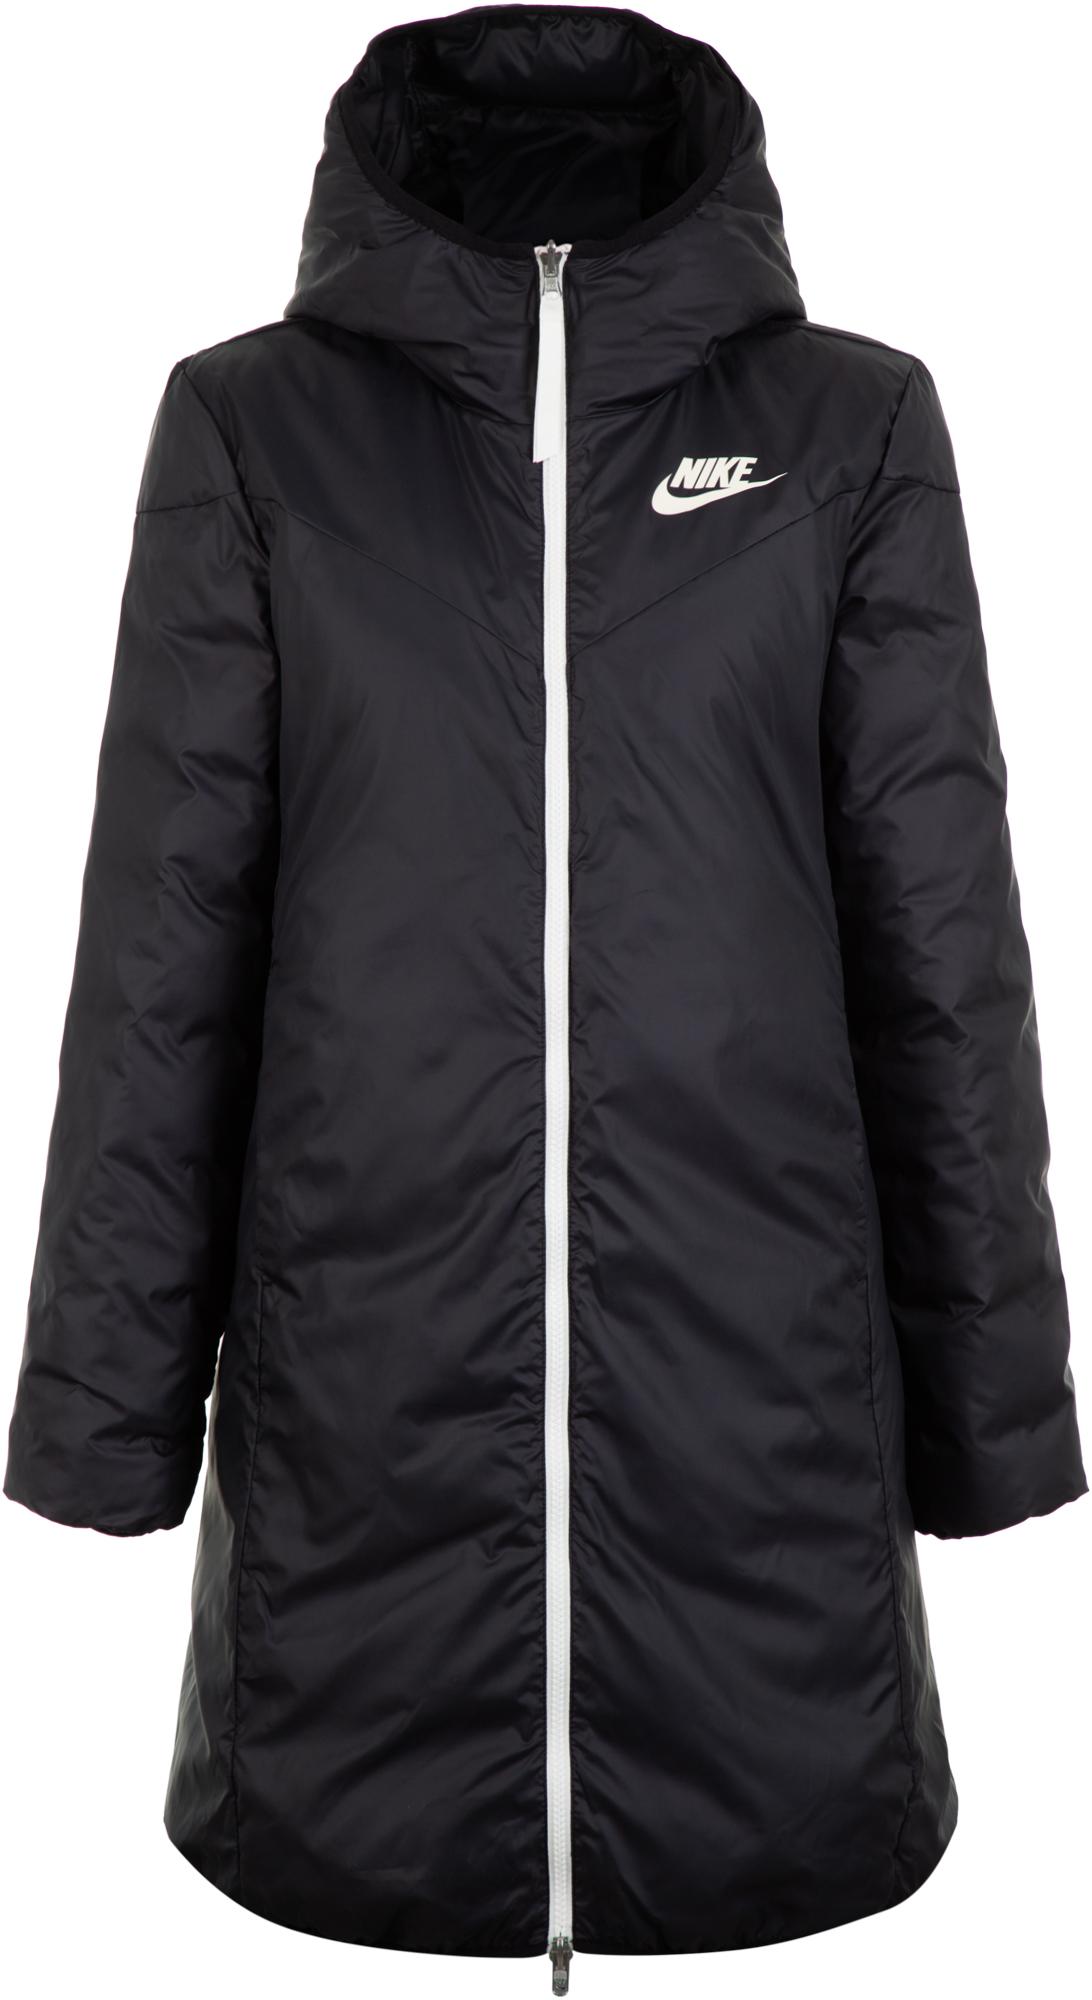 цена на Nike Куртка пуховая женская Nike, размер 42-44